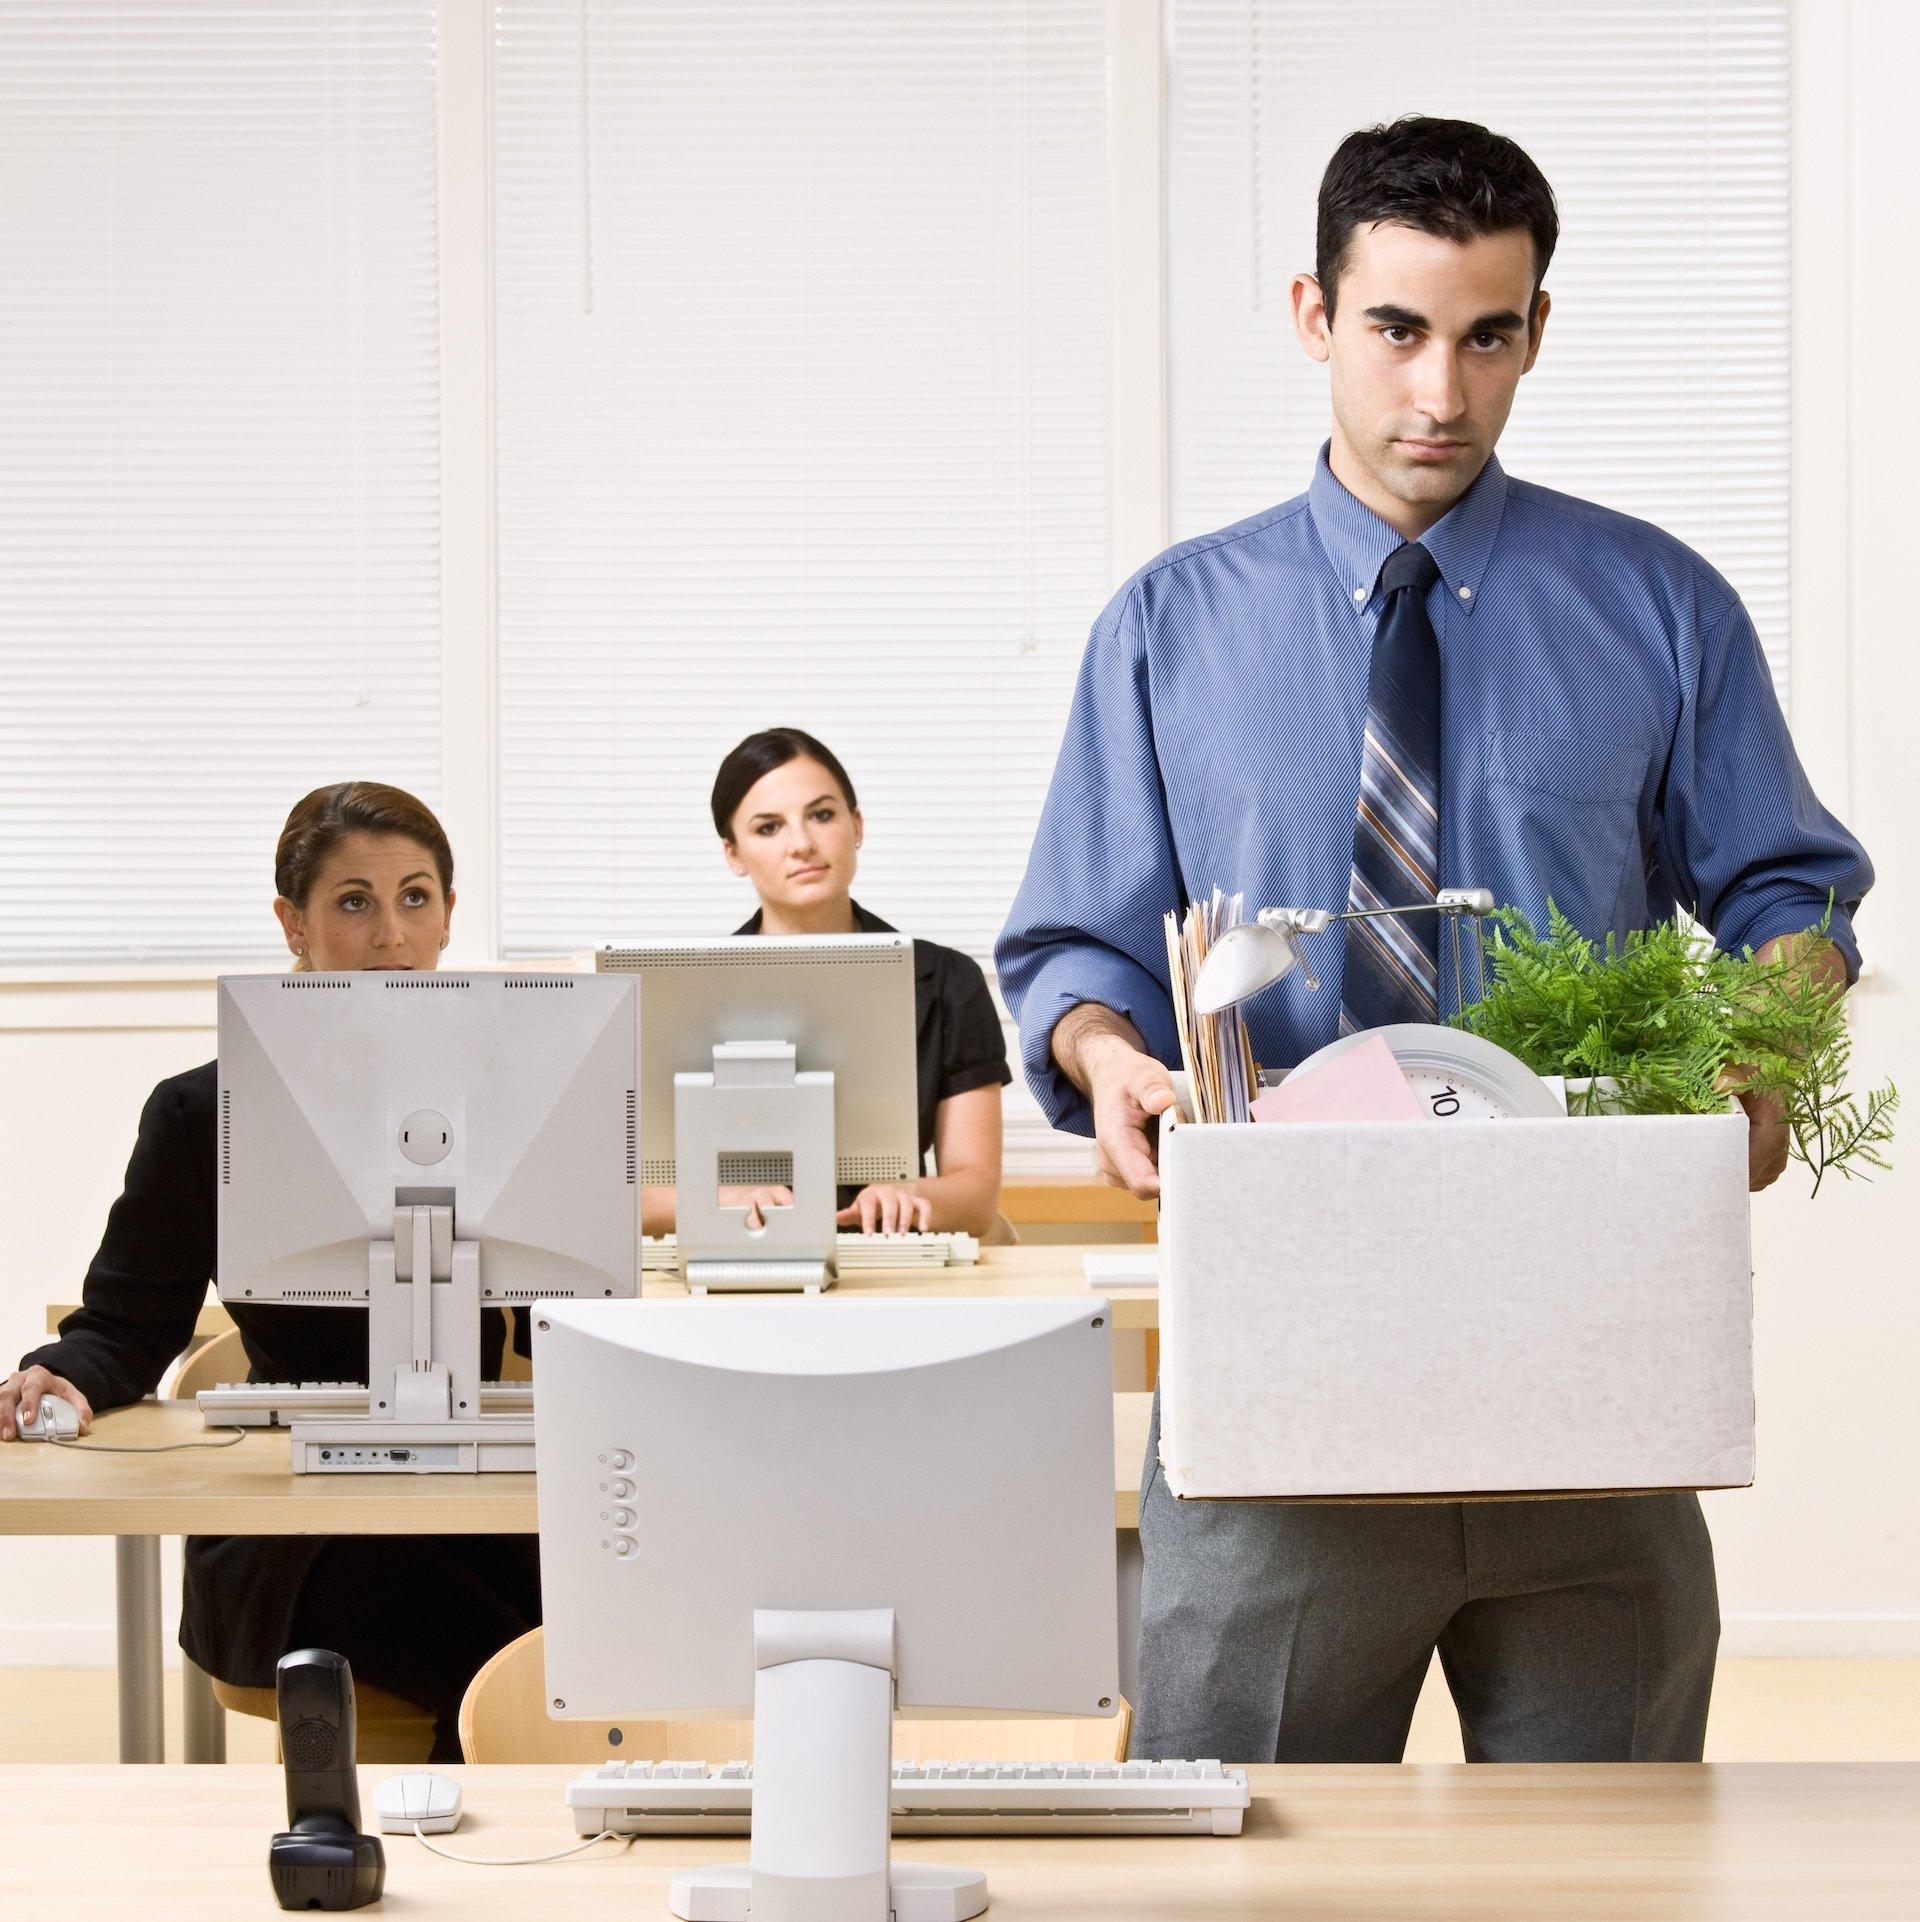 Увольнение по статье за невыполнение должностных обязанностей